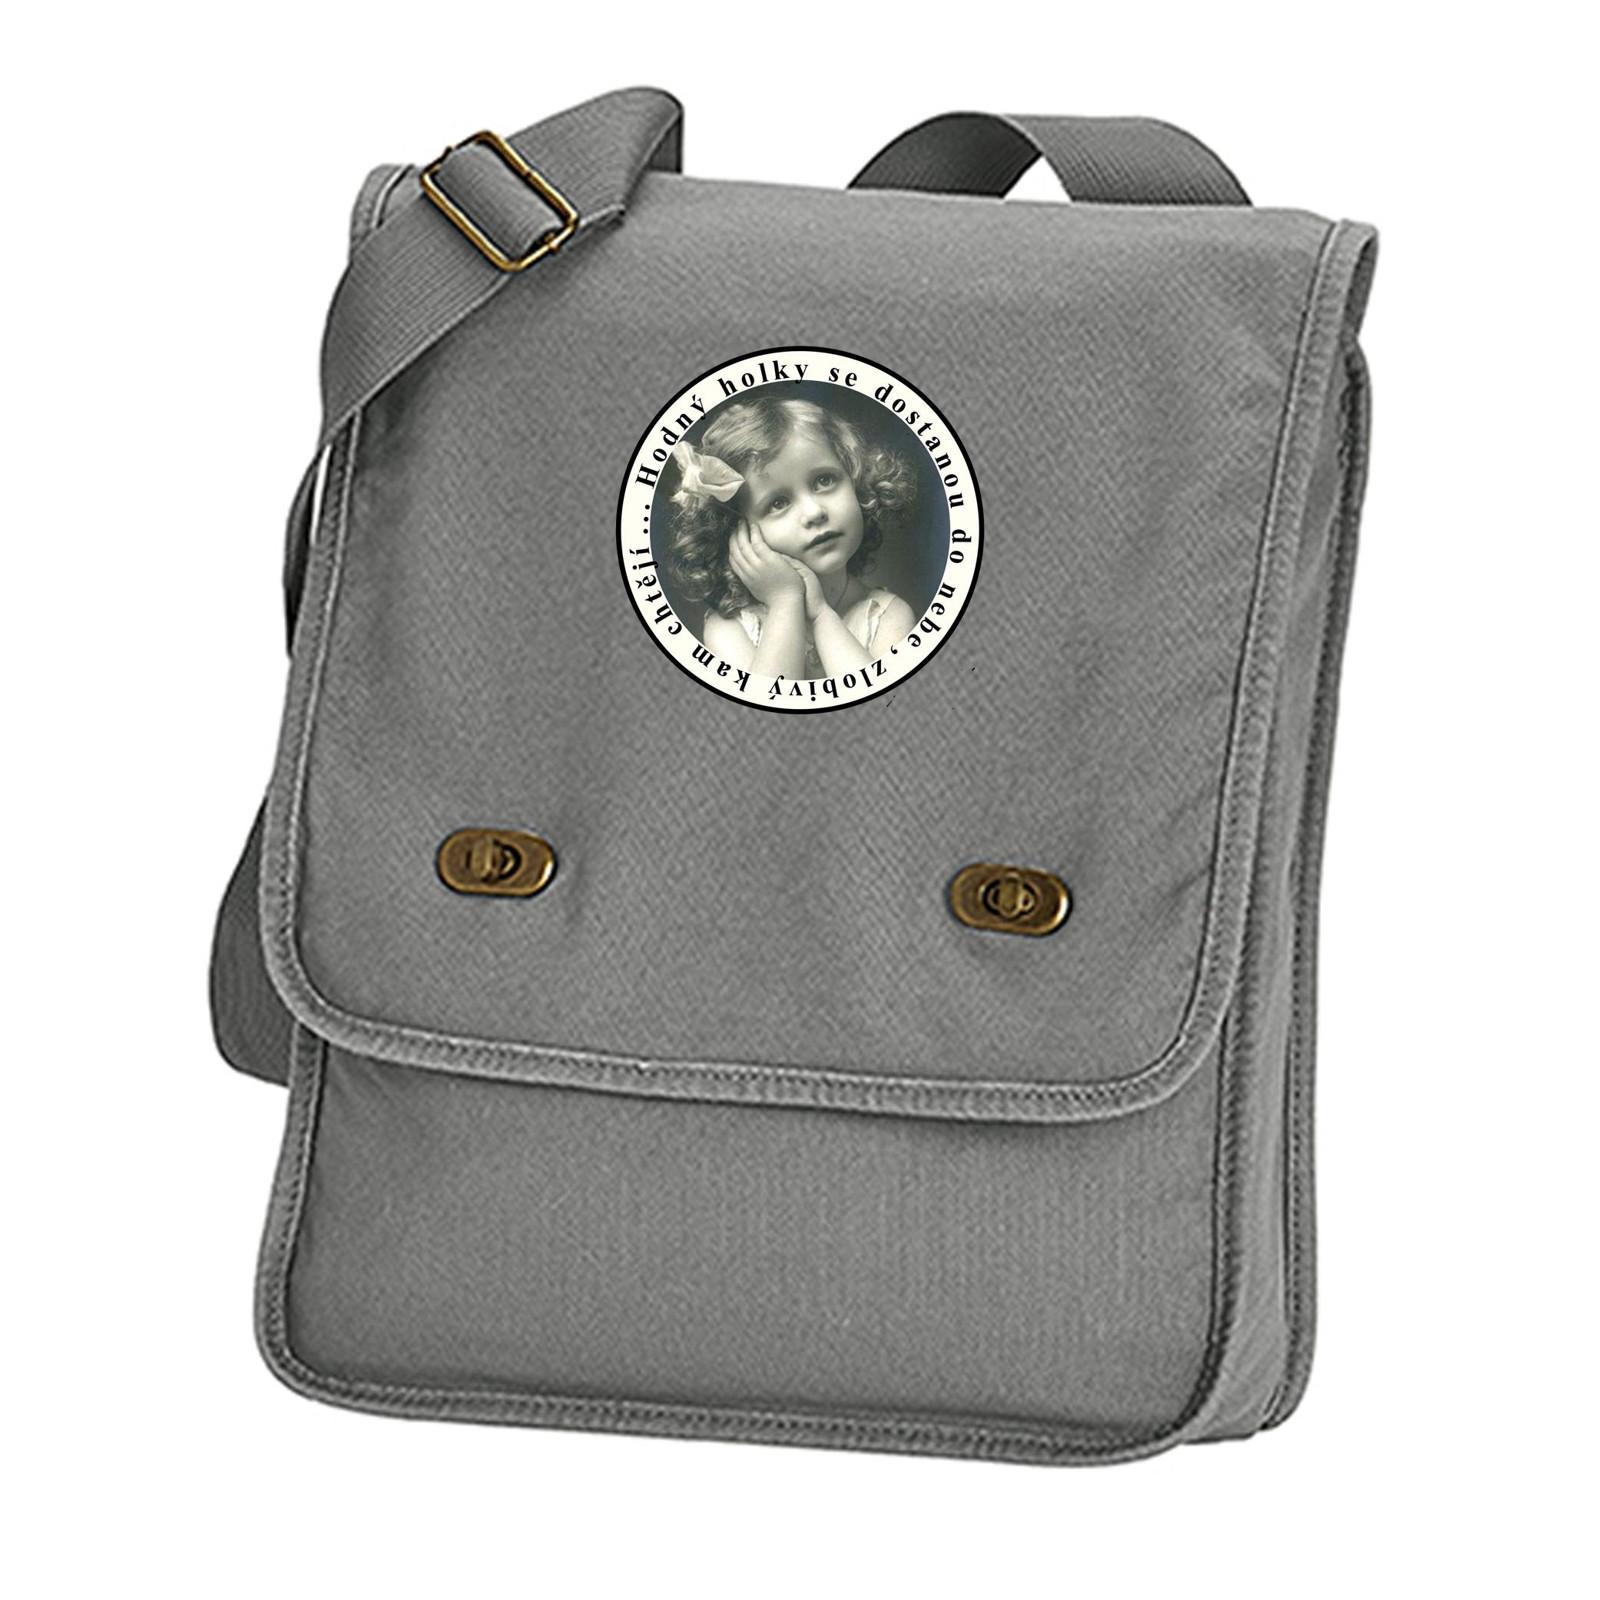 8832b4fc7 Hodný holky (plátěná taška přes rameno) / Zboží prodejce kr.Ali.k ...